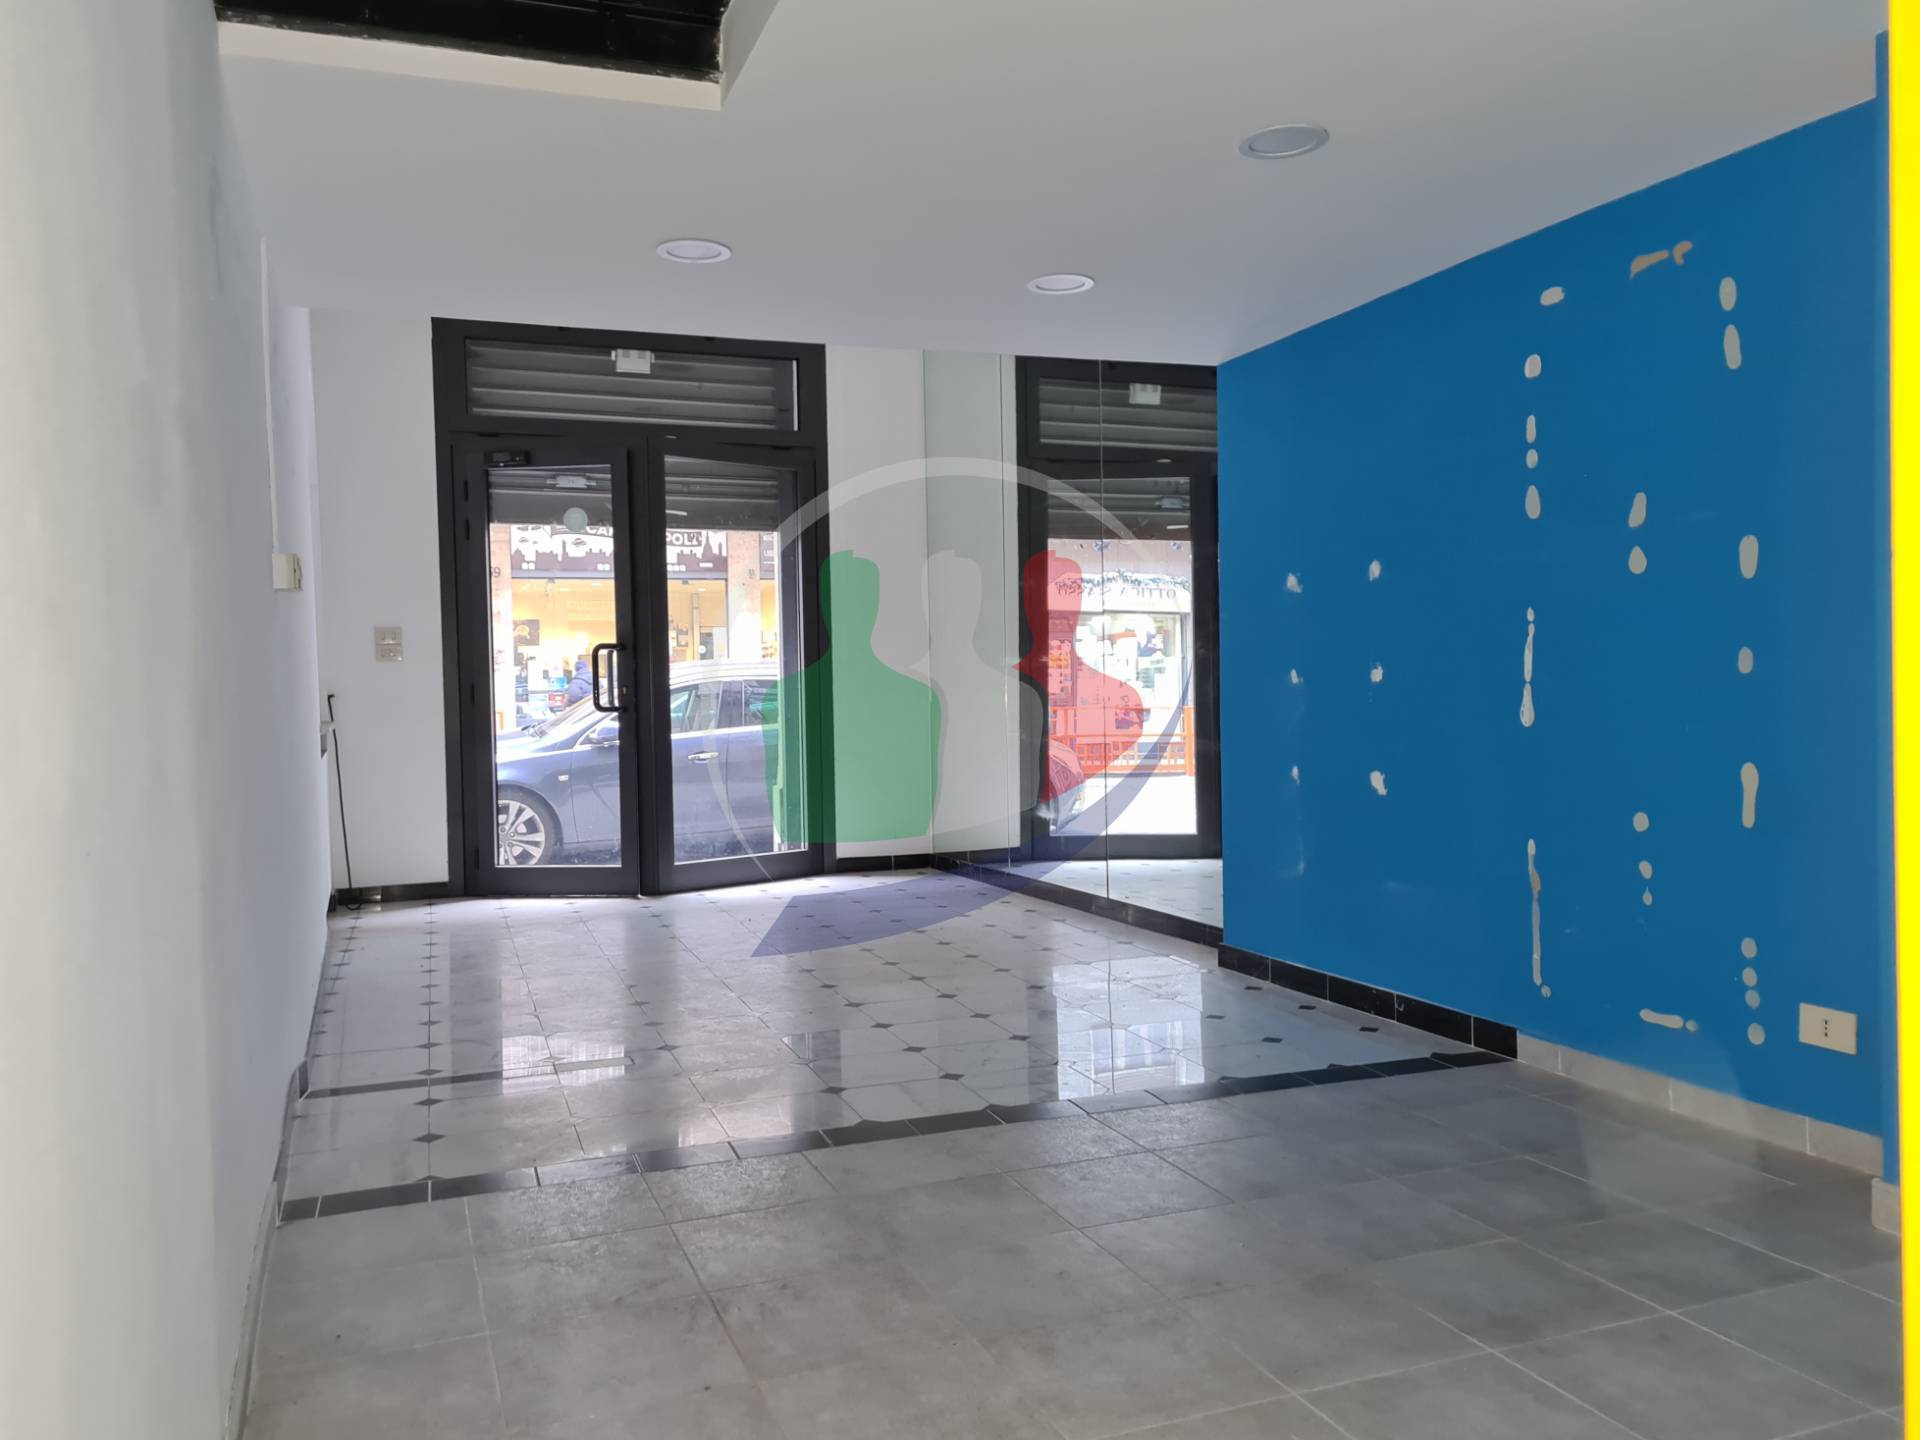 Negozio / Locale in vendita a Torino, 9999 locali, zona San Secondo, Crocetta, prezzo € 115.000 | PortaleAgenzieImmobiliari.it